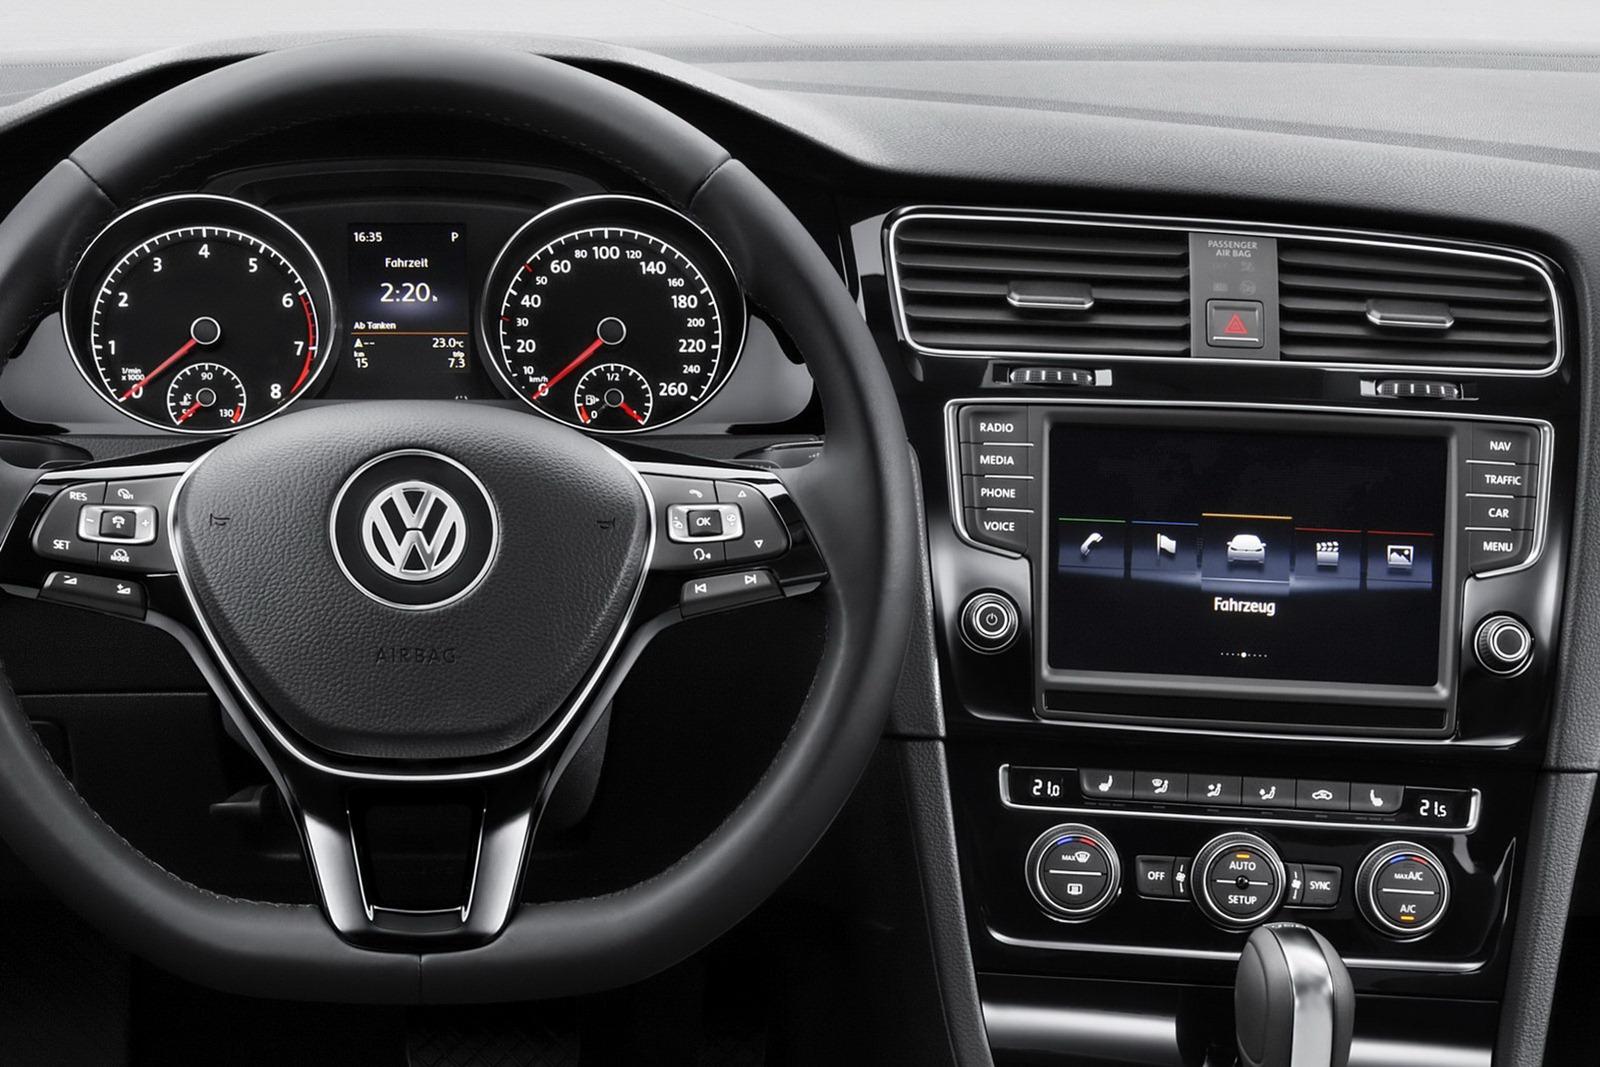 Volkswagen Golf 7 Nuove Foto Ufficiali 16 39